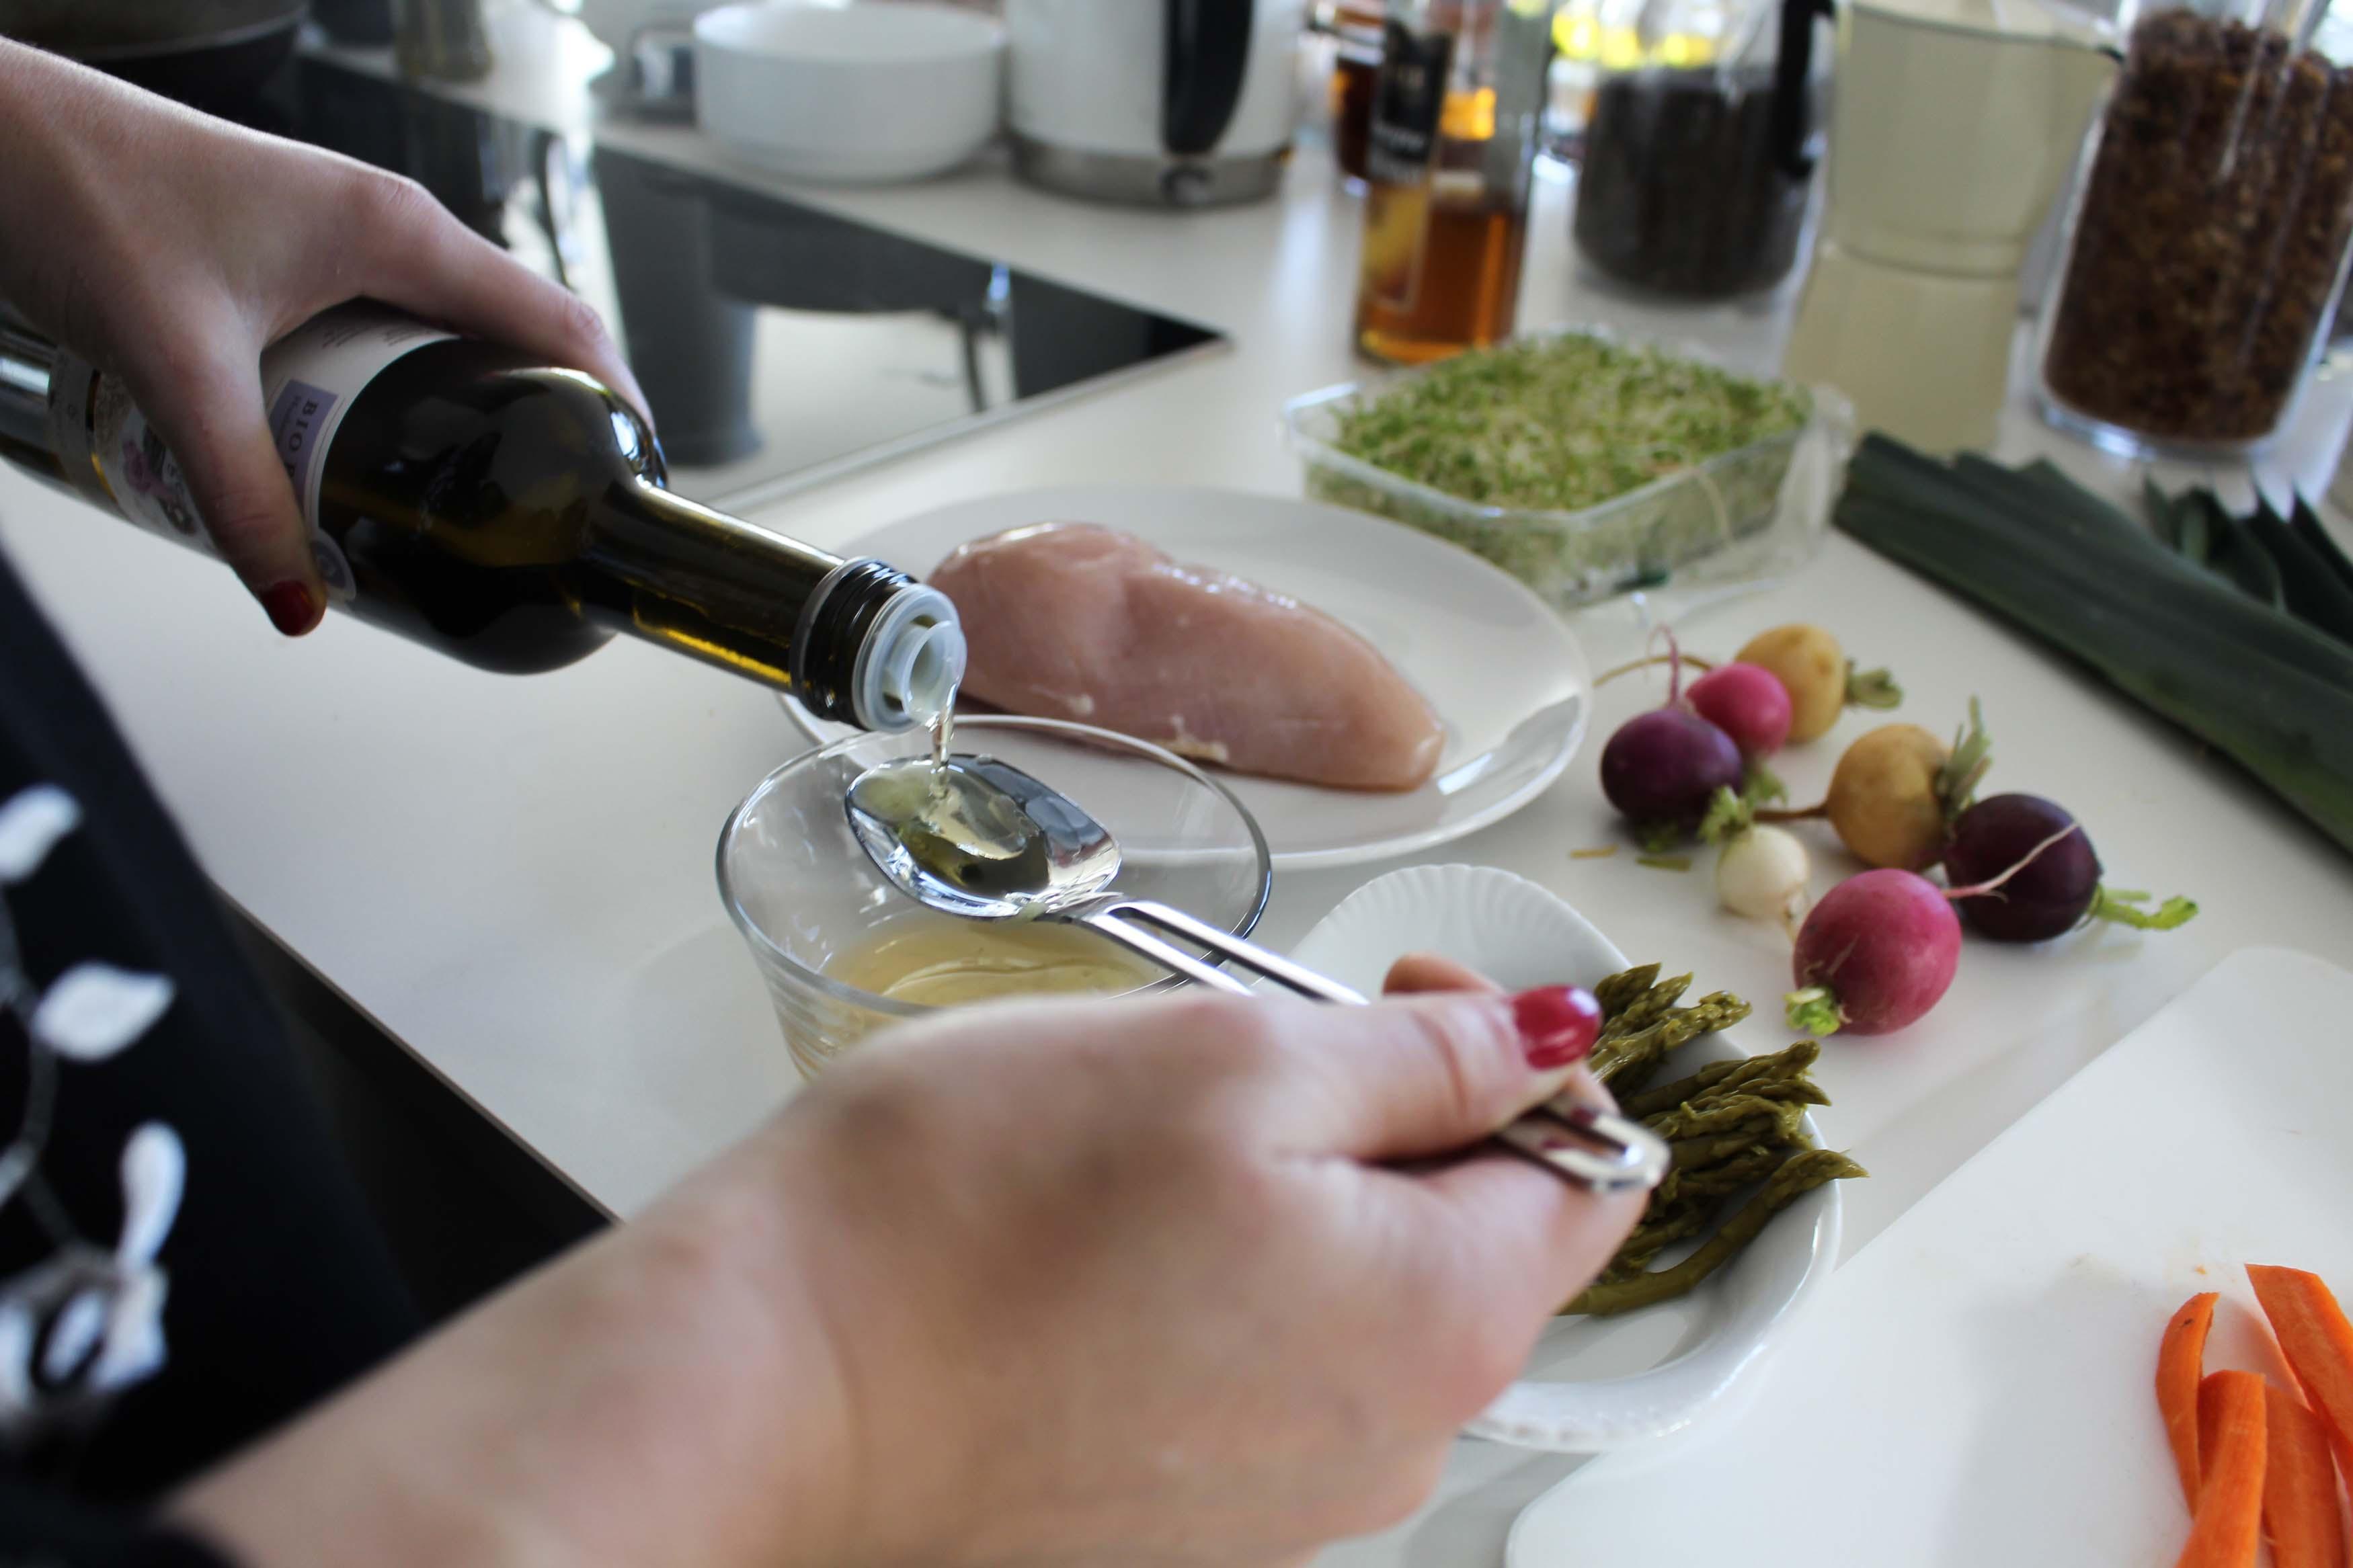 cuisine-westwing-recette-linstantflo-16-sur-27